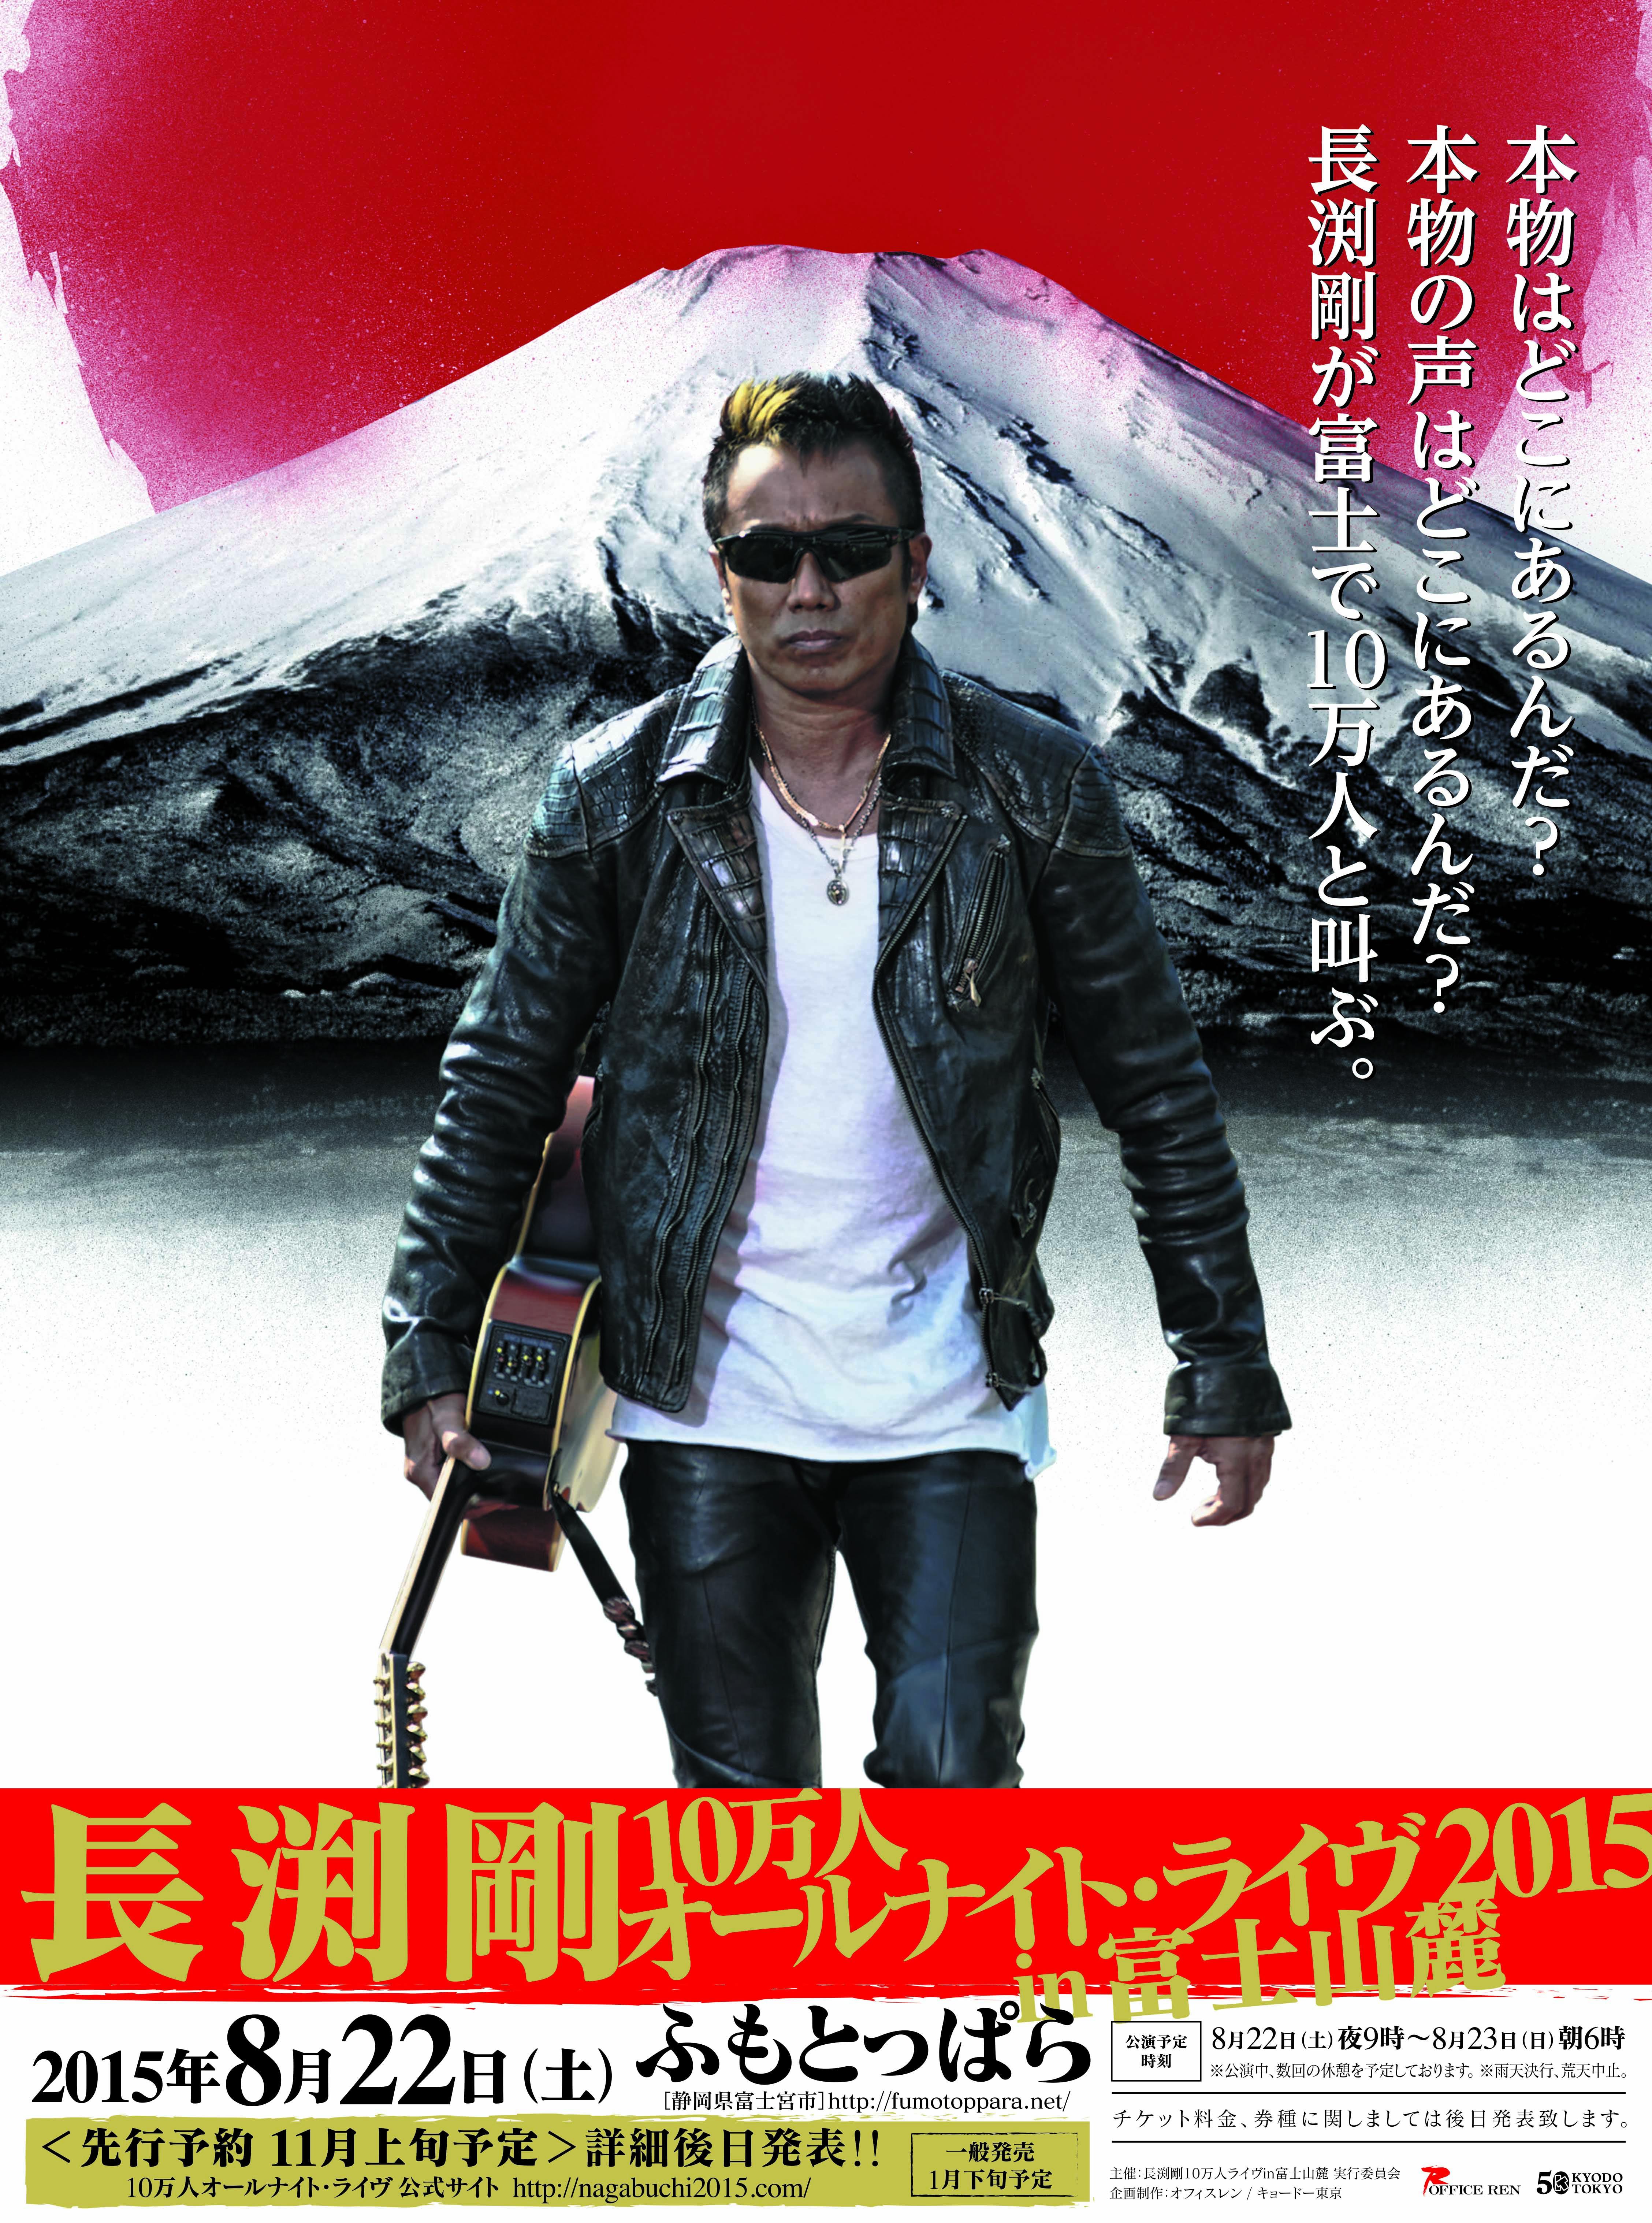 2015年は富士の麓で!再び開催されることとなった長渕剛のオールナイトライブ!